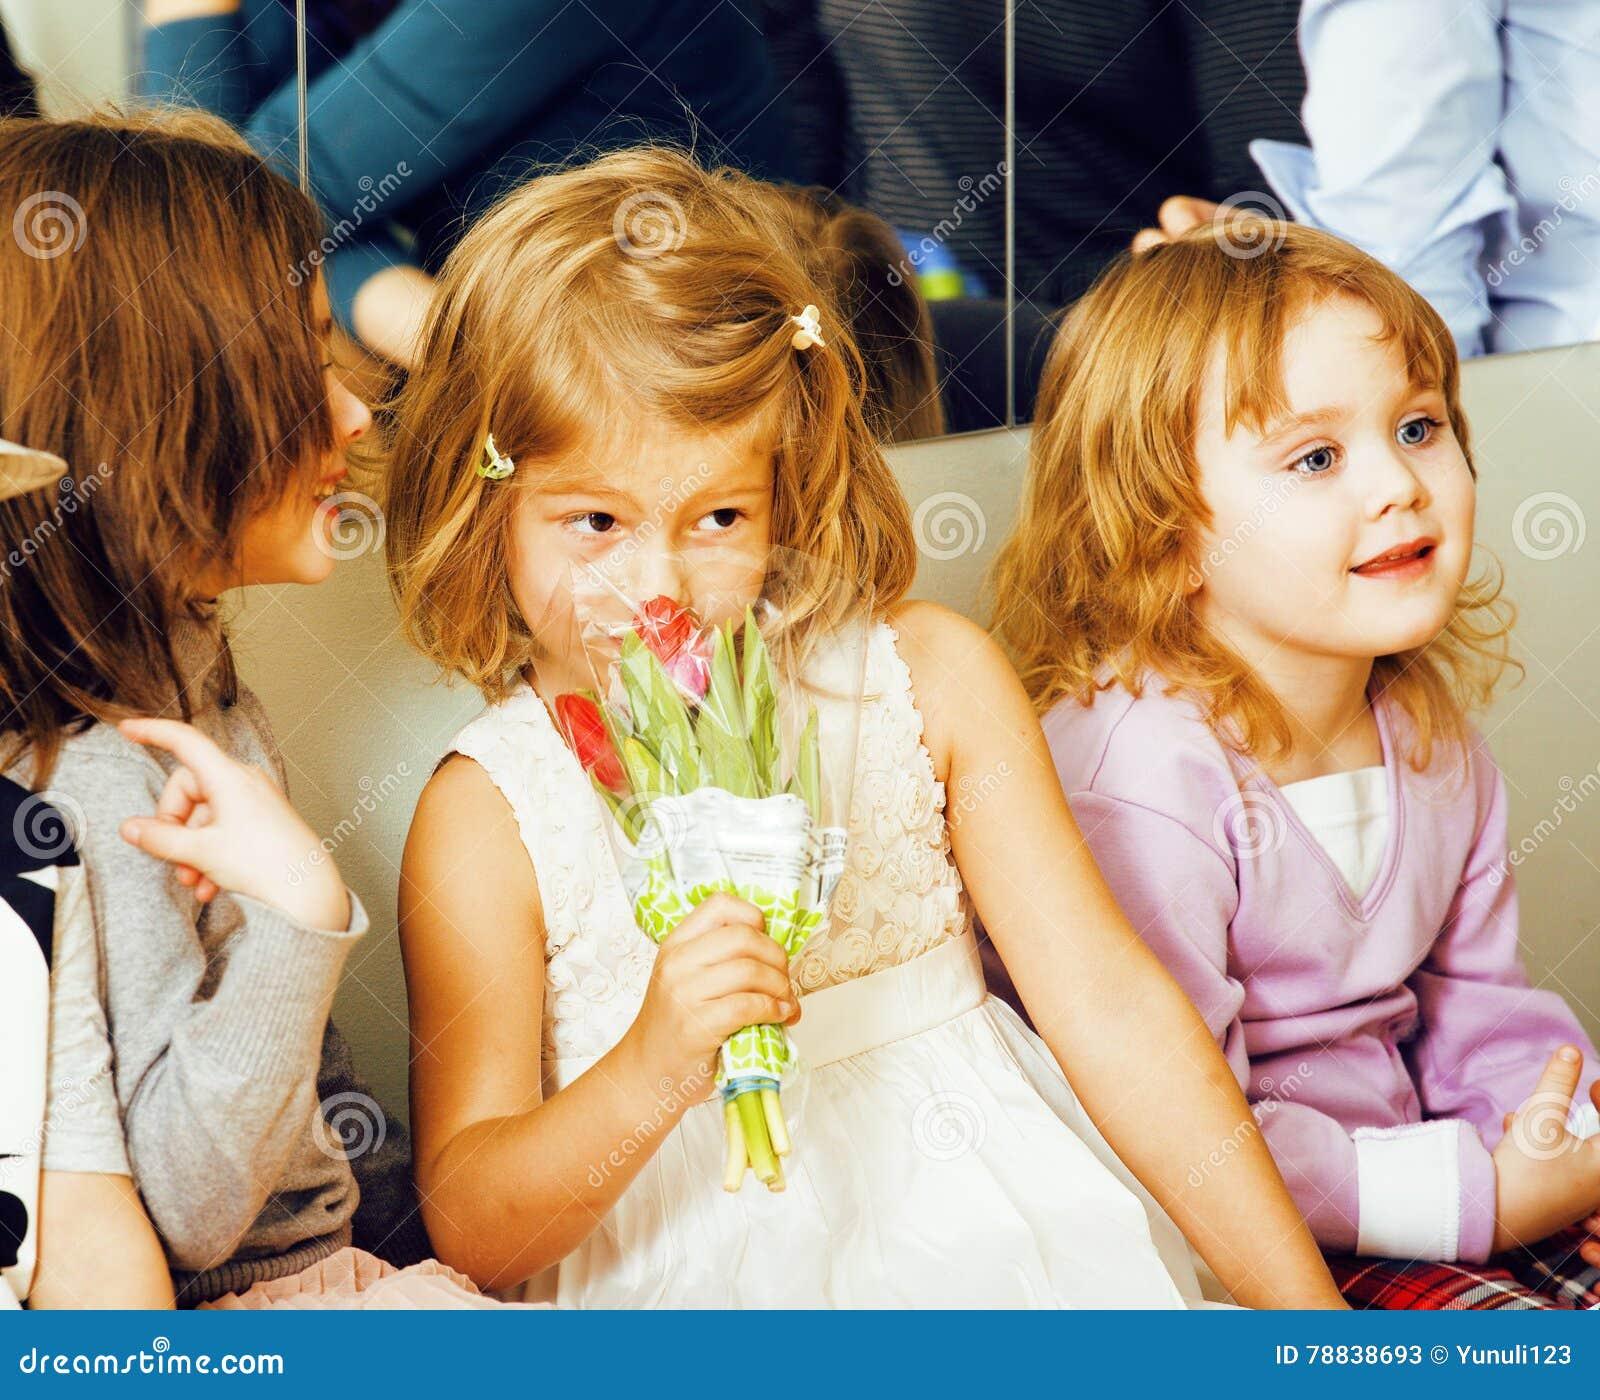 Diverse Little Kids First Kiss Stock Photo  Cartoondealercom 22889562-7250